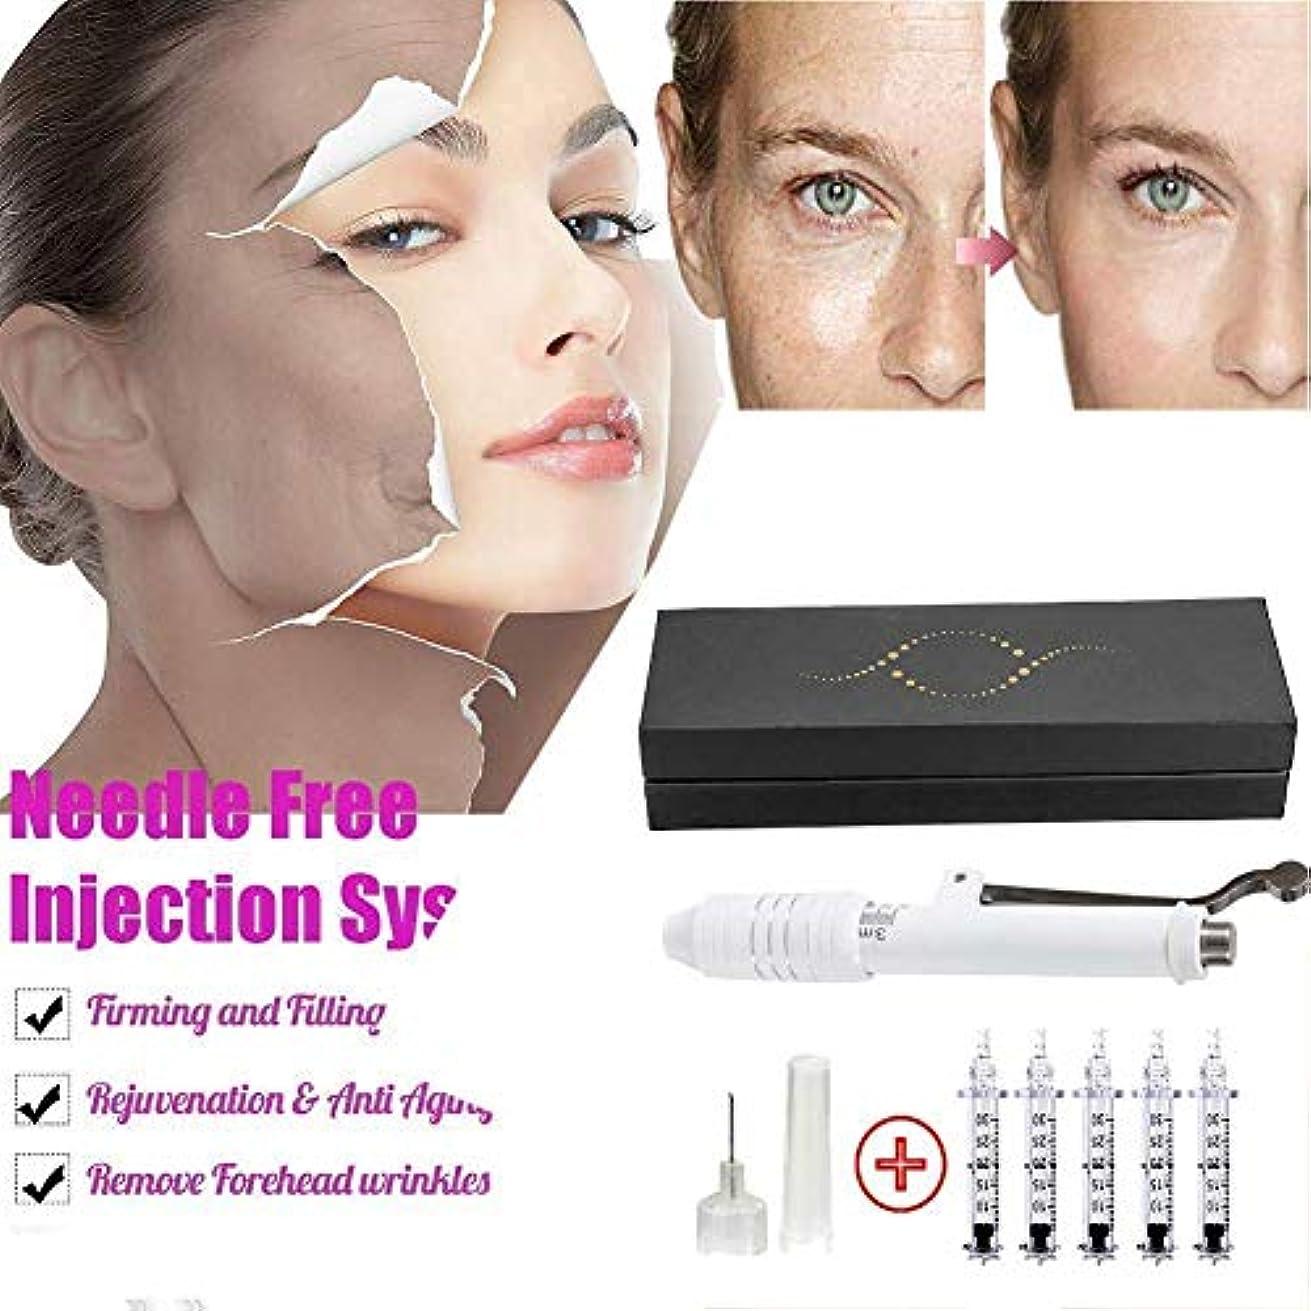 唇手伝うネスト高圧ヒアルロン酸ペン、ニードルフリー注射ペンは、5アンプルヘッドで傷、しわ、しみを減らし、肌を強化します。